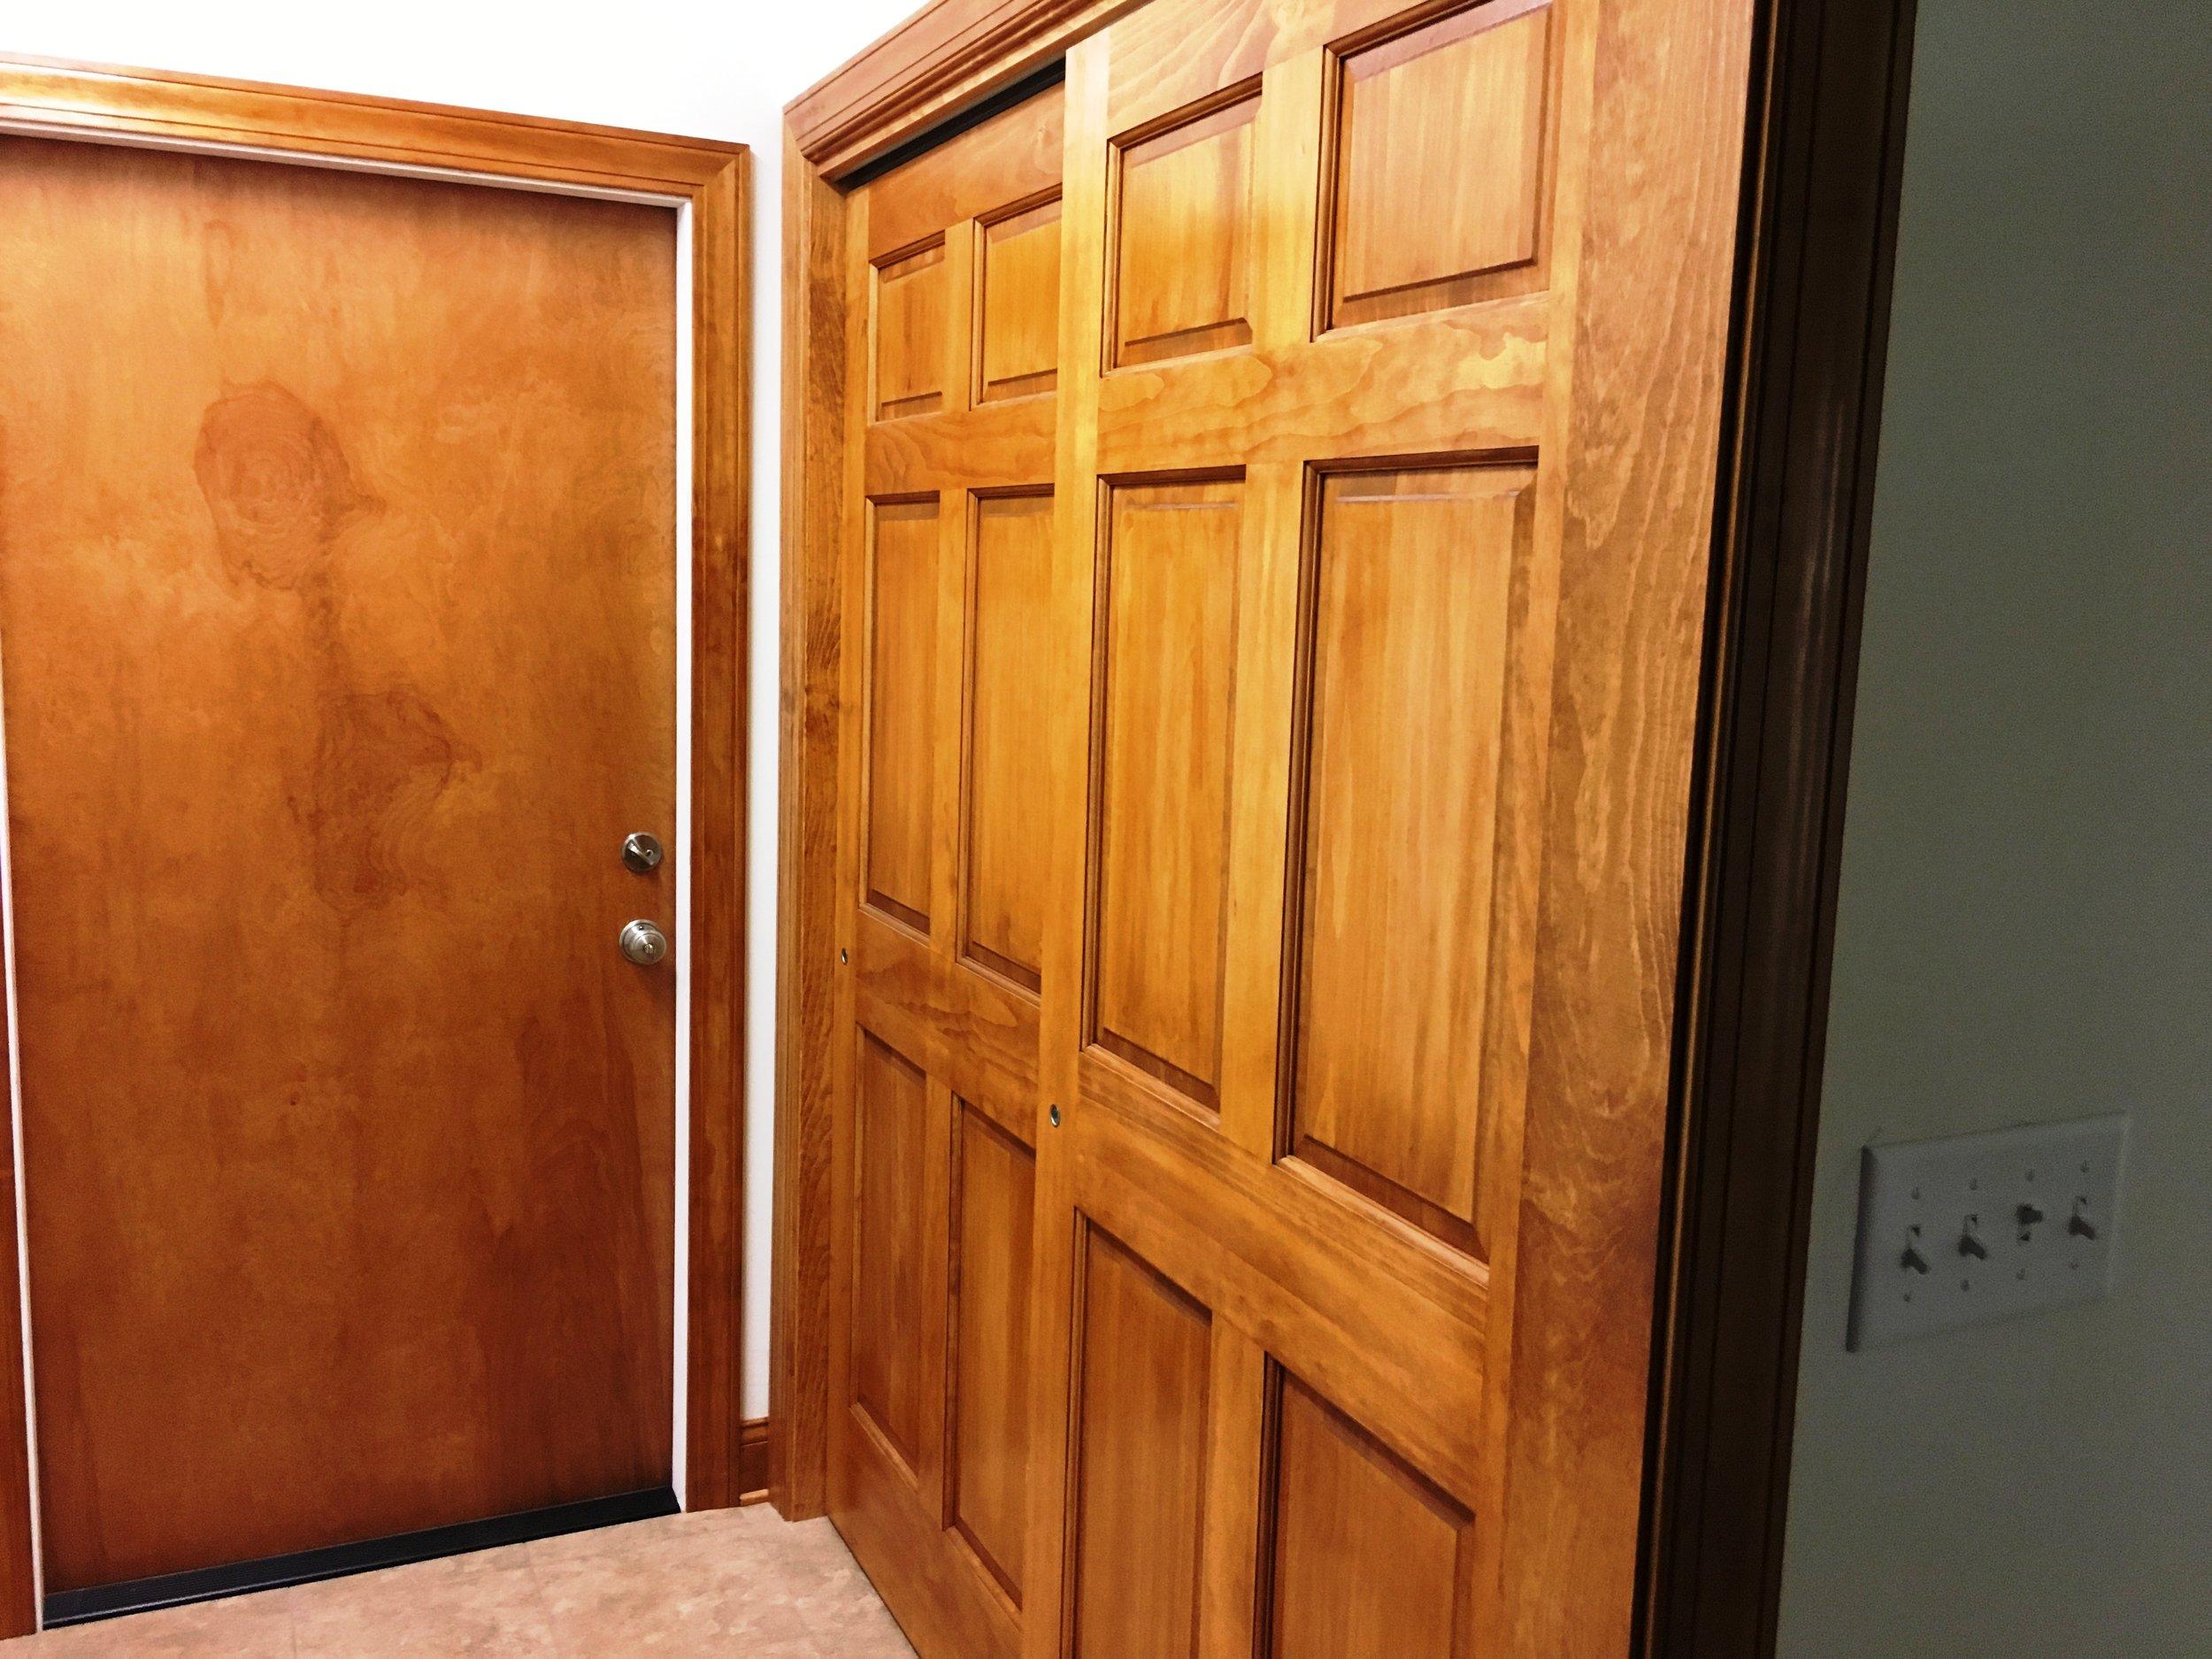 Washroom with Door to Garage Sliding Doors to Closet